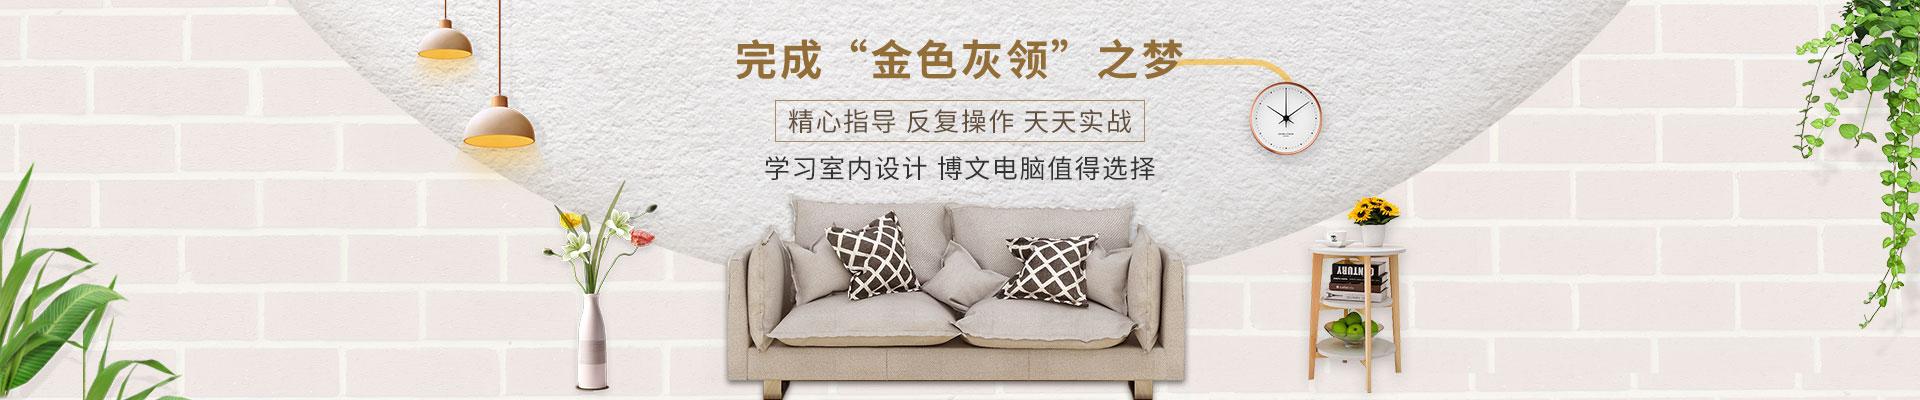 郑州博文电脑设计培训学校